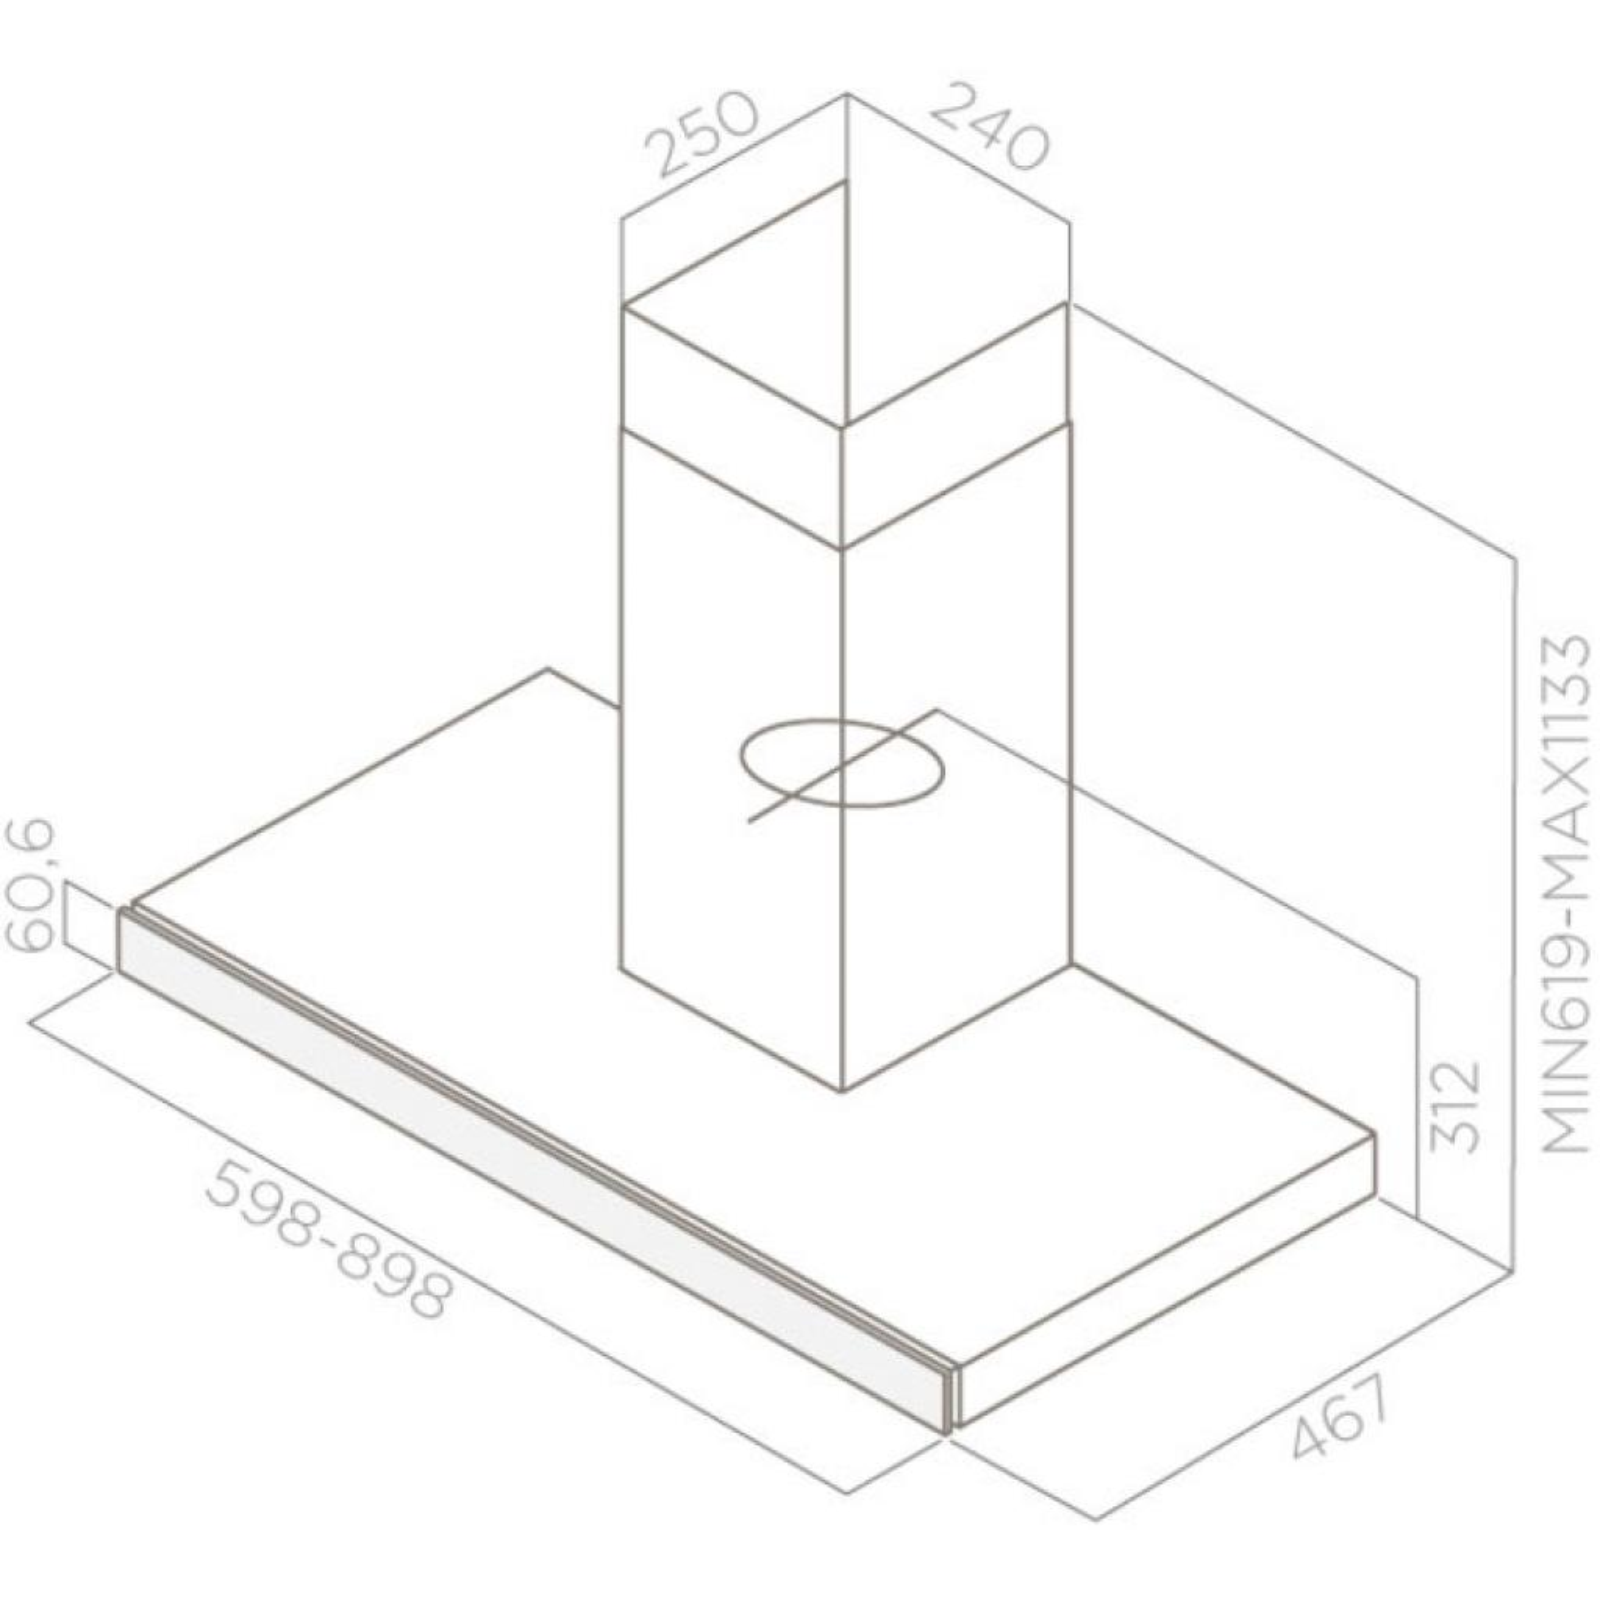 Вытяжка кухонная Elica JOY BLIX/A/60 изображение 2